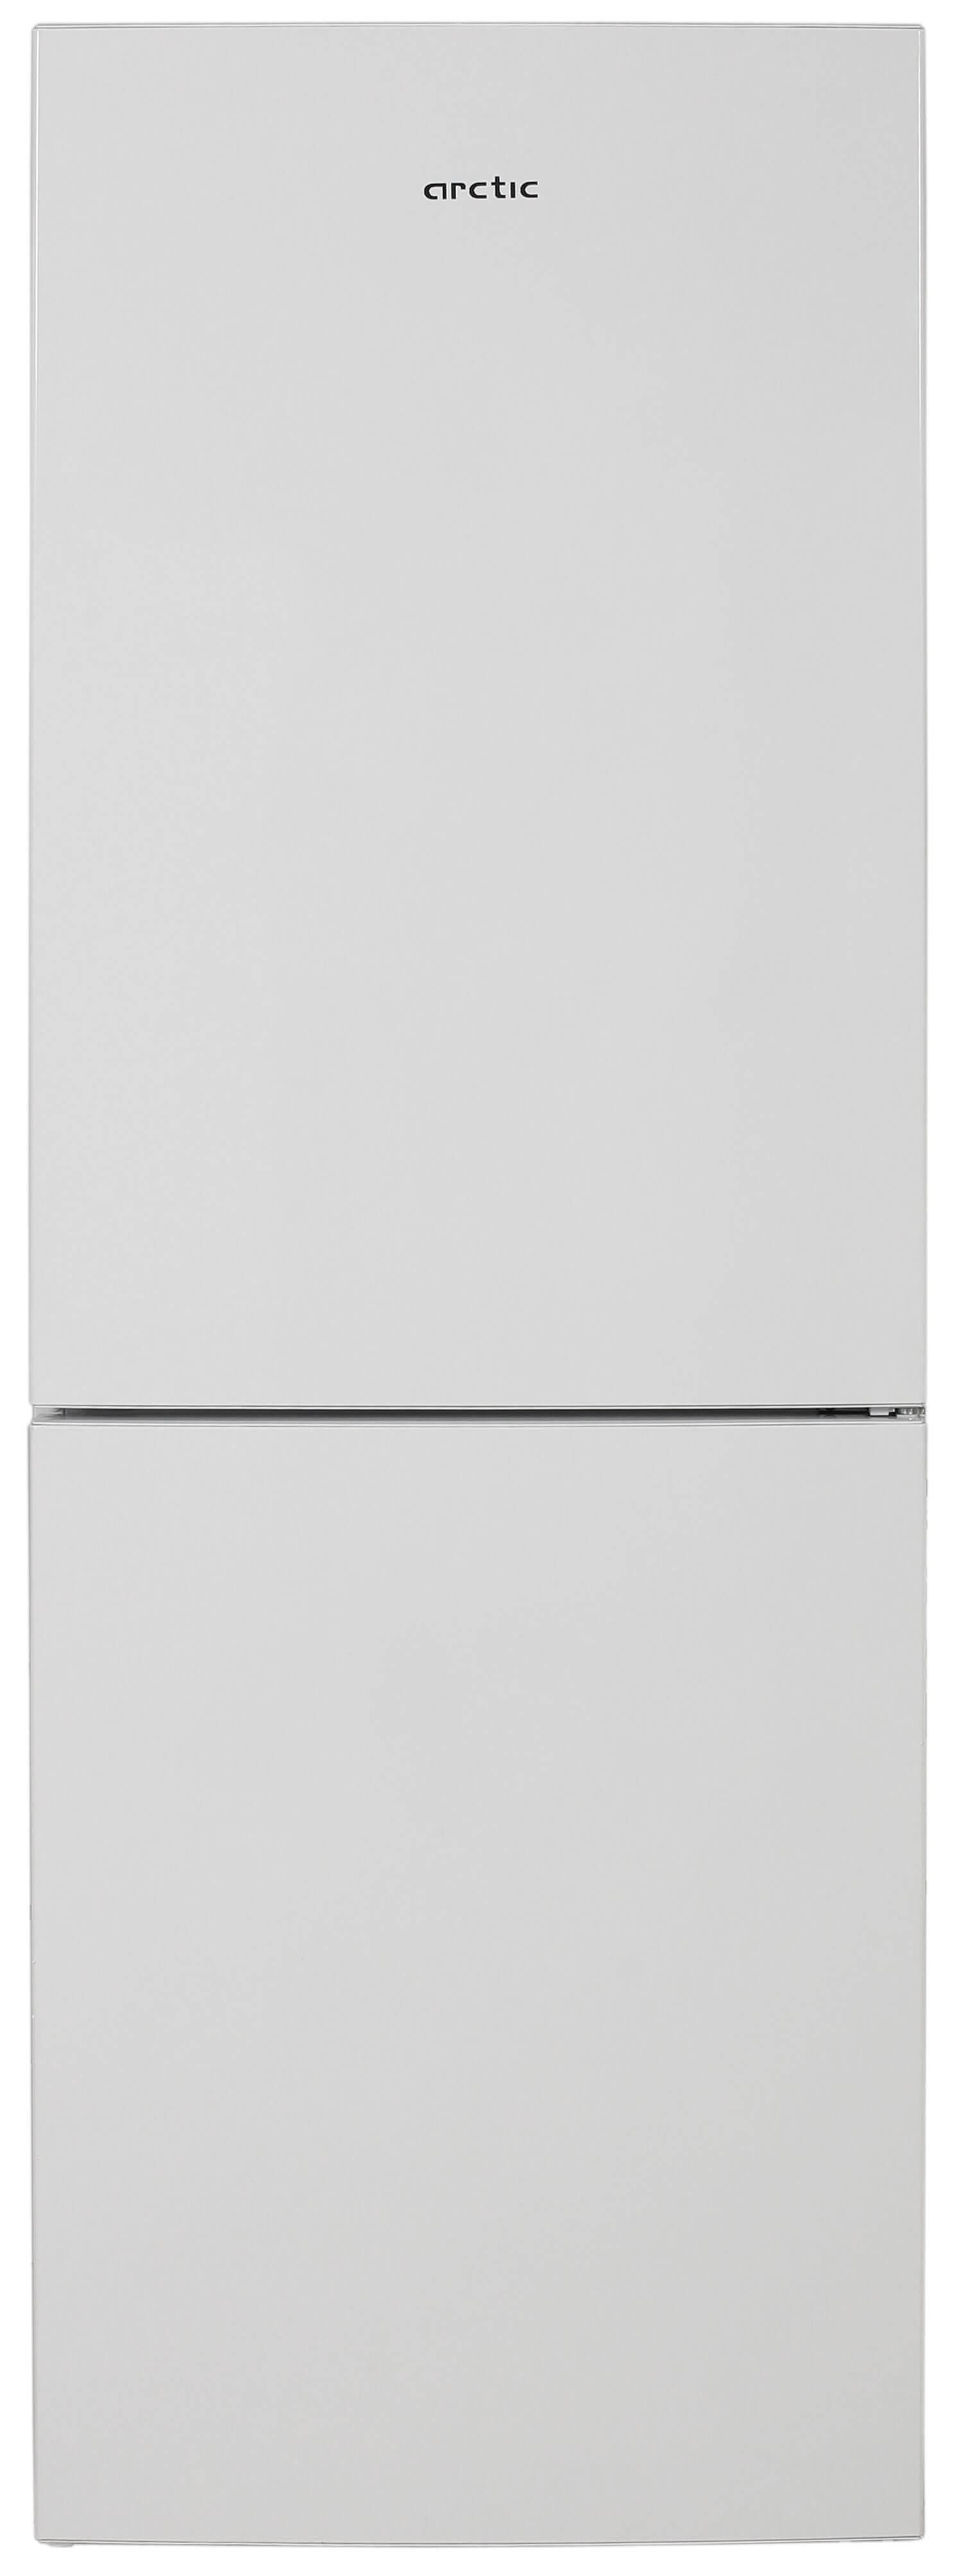 Combina frigorifica, Arctic, AK60340+, 340 l, Clasa A+, H 175,4 cm, Alb